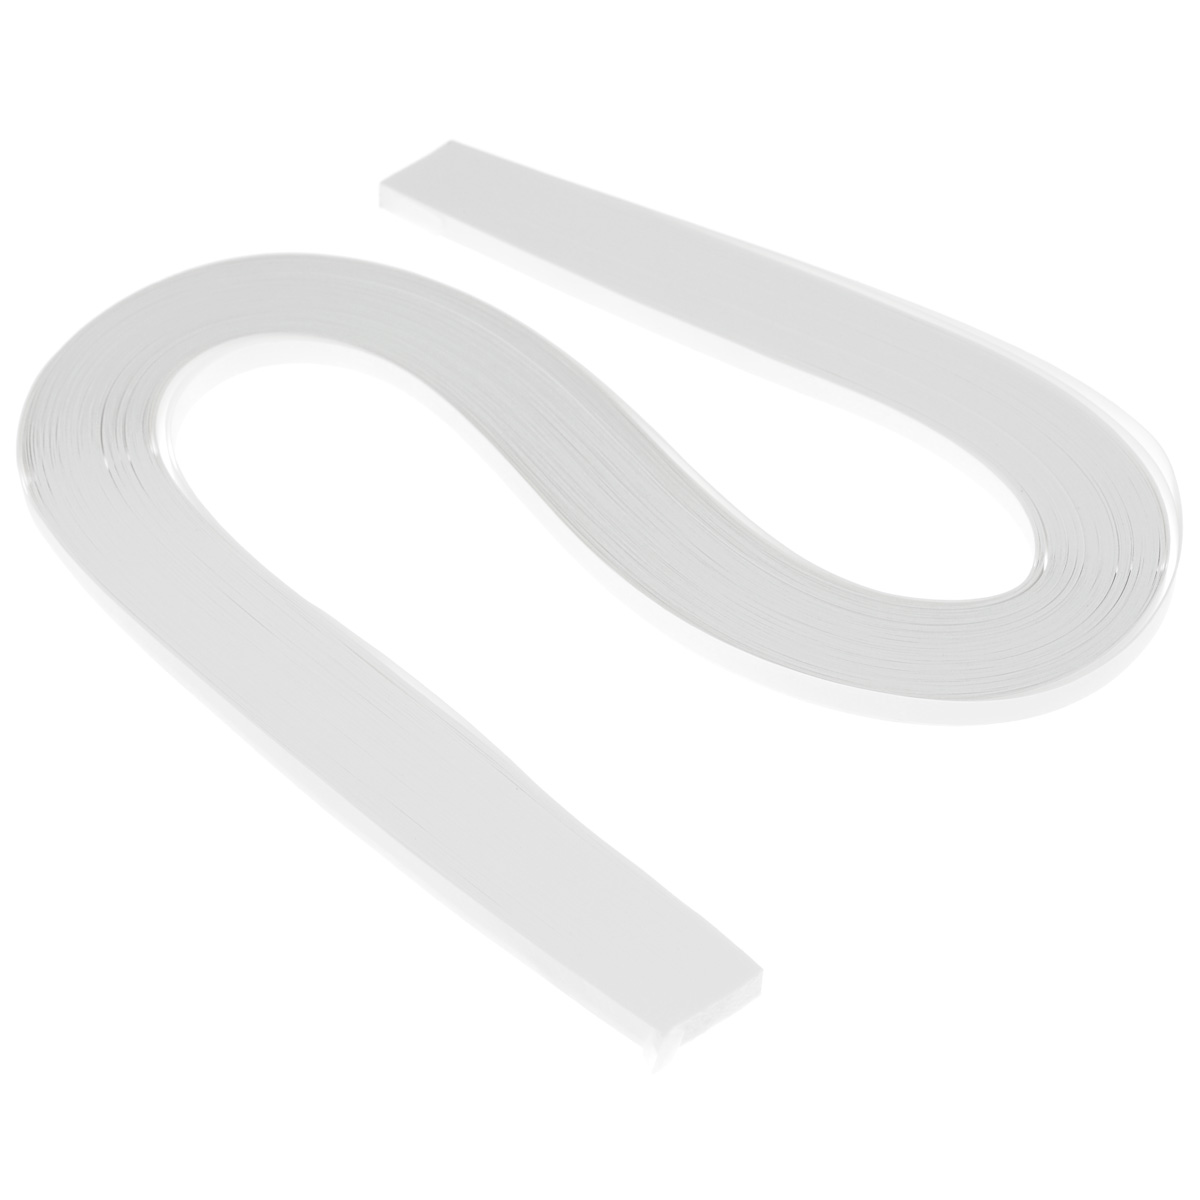 Бумага для квиллинга Рукоделие, цвет: белый, ширина 0,5 см, длина 54 см, 120 штRSP-202SБумага для квиллинга Рукоделие - это порезанные специальным образом полоски бумаги определенной плотности. Такая бумага пластична, не расслаивается, легко и равномерно закручивается в спираль, благодаря чему готовым спиралям легче придать форму. Квиллинг (бумагокручение) - техника изготовления плоских или объемных композиций из скрученных в спиральки длинных и узких полосок бумаги. Из бумажных спиралей создаются необычные цветы и красивые витиеватые узоры, которые в дальнейшем можно использовать для украшения открыток, альбомов, подарочных упаковок, рамок для фотографий и даже для создания оригинальных бижутерий. Это простой и очень красивый вид рукоделия, не требующий больших затрат. Длина полоски бумаги: 54 см. Ширина полоски бумаги: 5 мм.